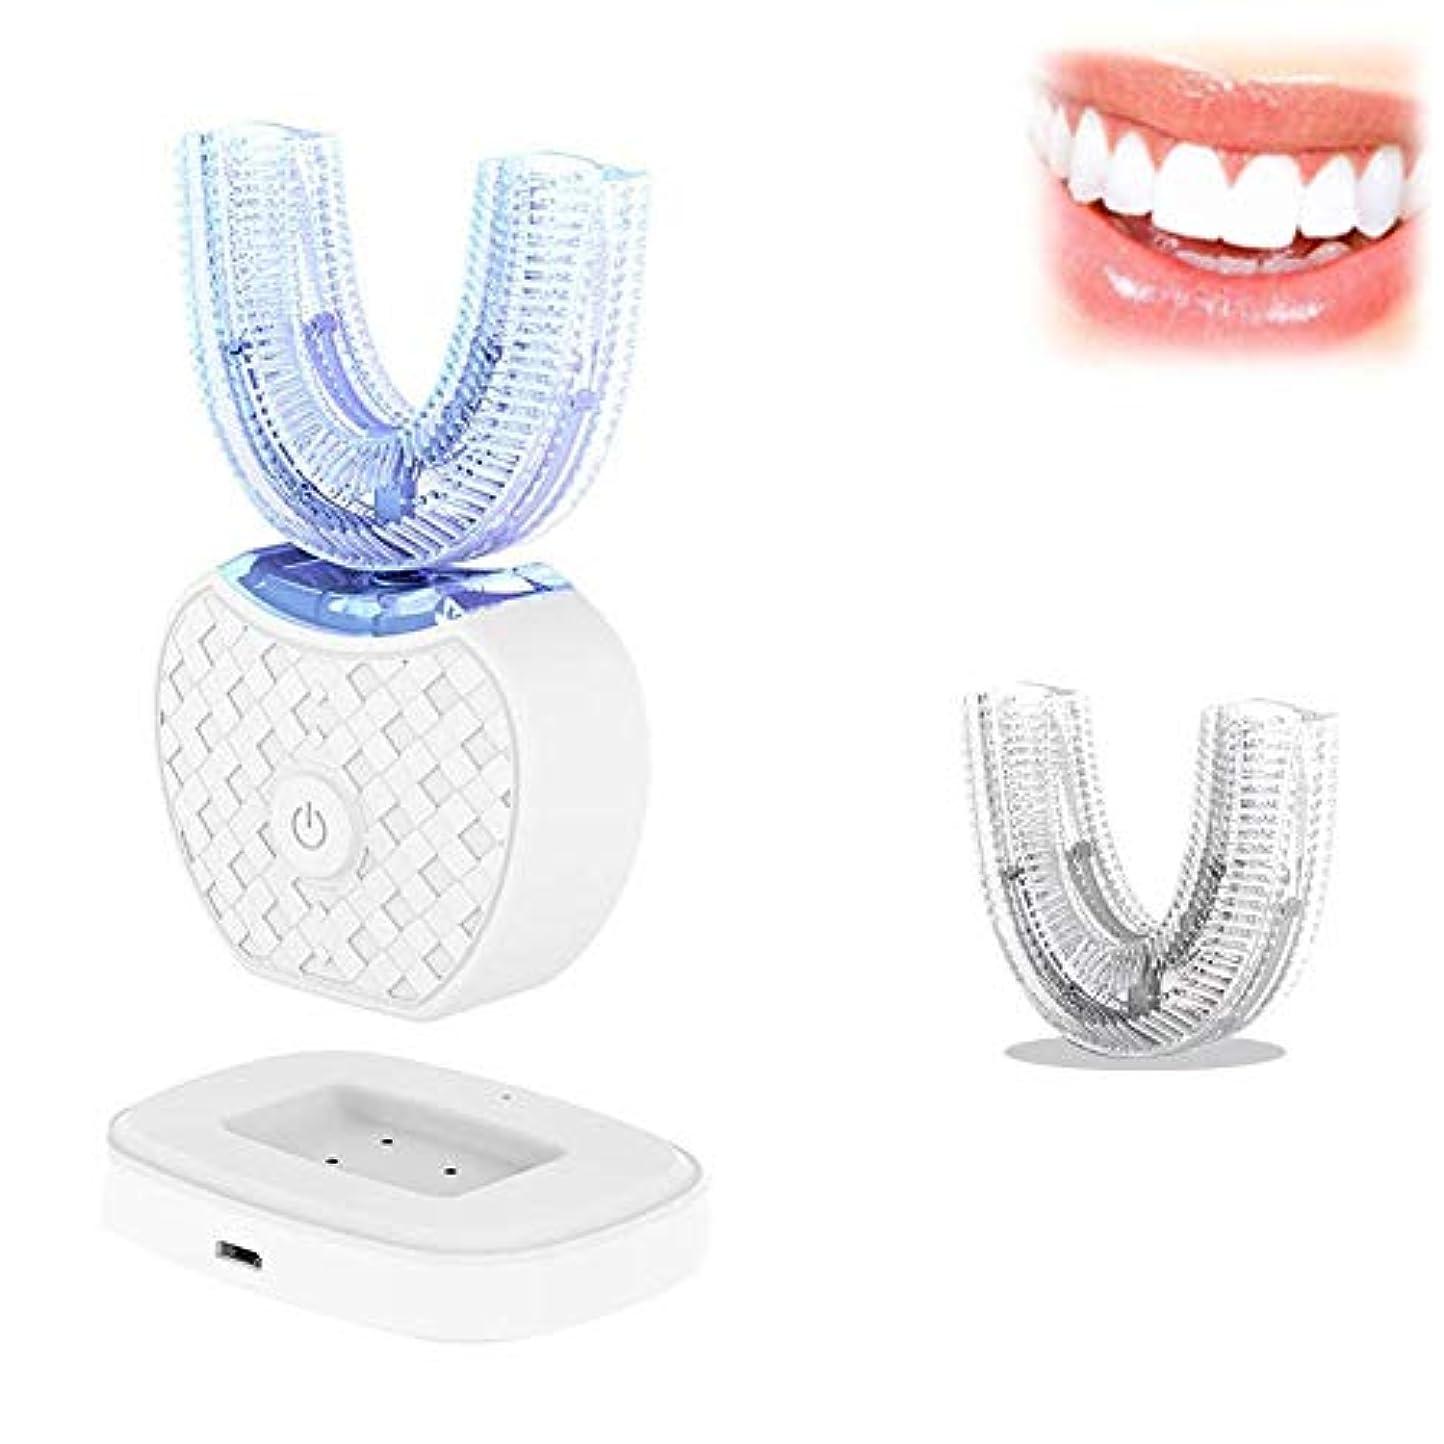 ボール行影電動歯ブラシフルオートマチック360°超音波ホワイトニングU型マウスクリーナー充電式ワイヤレスポータブルLEDランプFDA / IPX7 (Color : White)